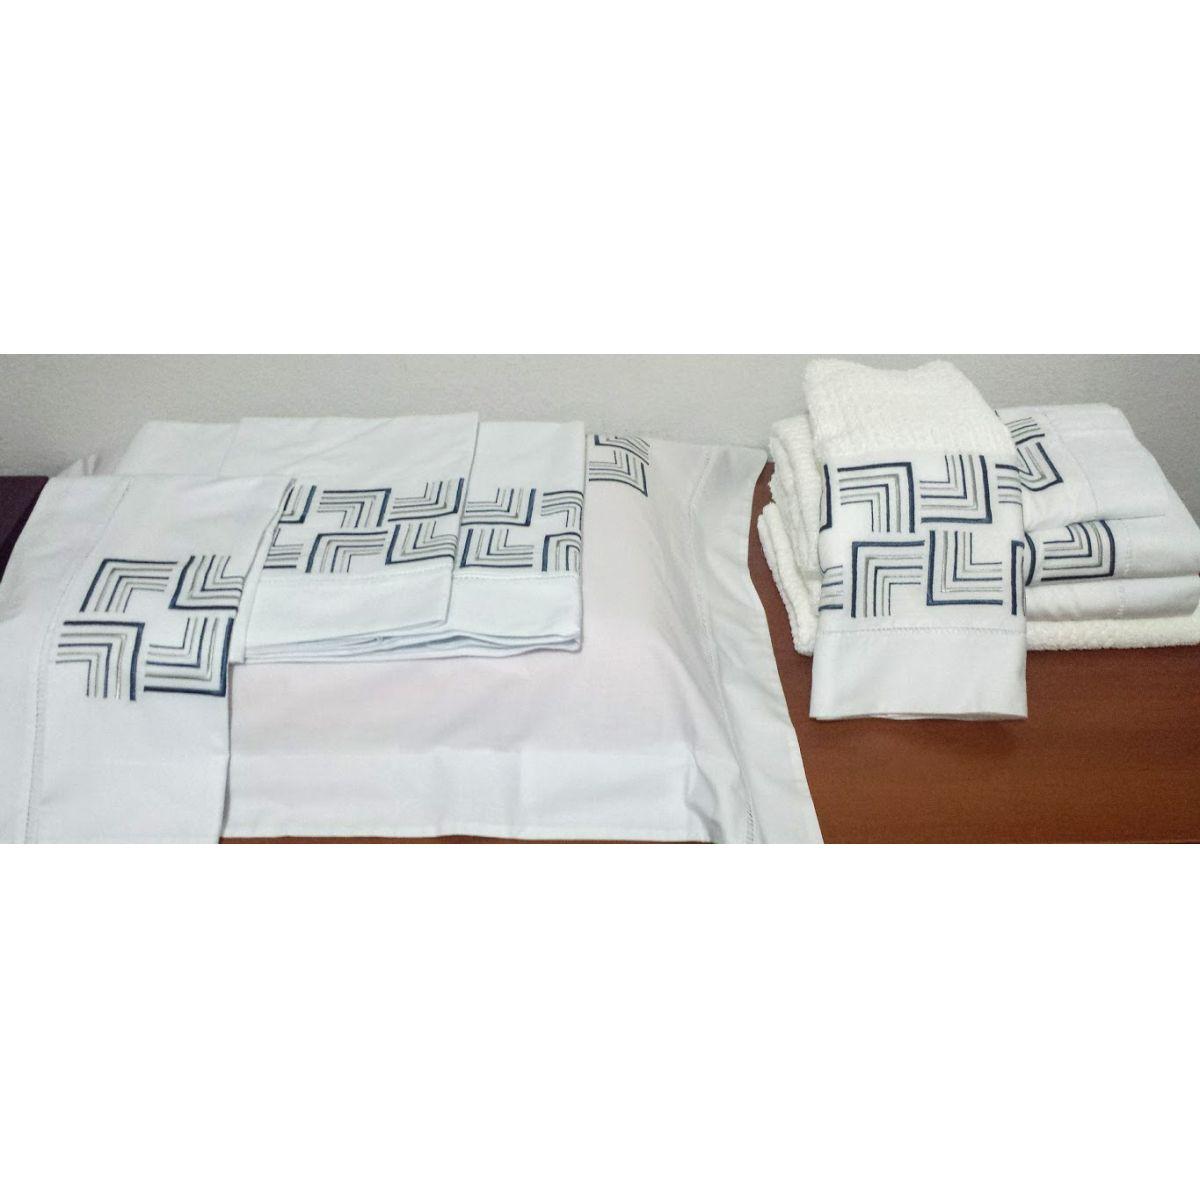 Kit  de Roupa de Cama Queen e Toalha de Banho Bordado. Suite Queen e Banho,9 peças Promoção